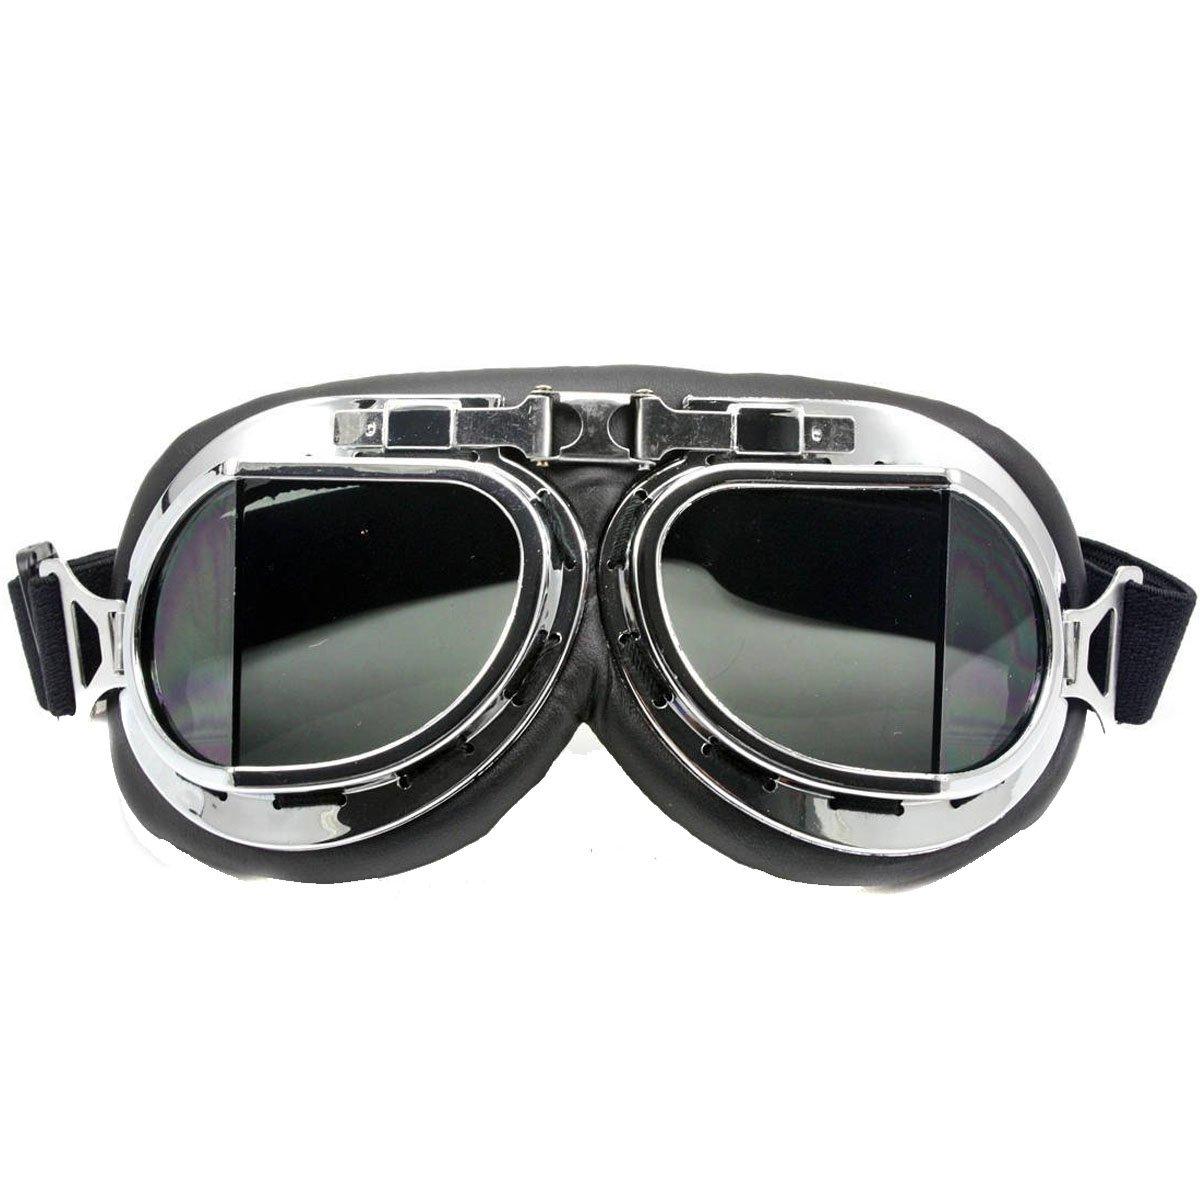 Gafas cromadas de Nsstar para moto, scooter, bicicleta o motocross, protección contra el viento y los rayos UV, diseño de piloto de la RAF, negro, Tamaño libre